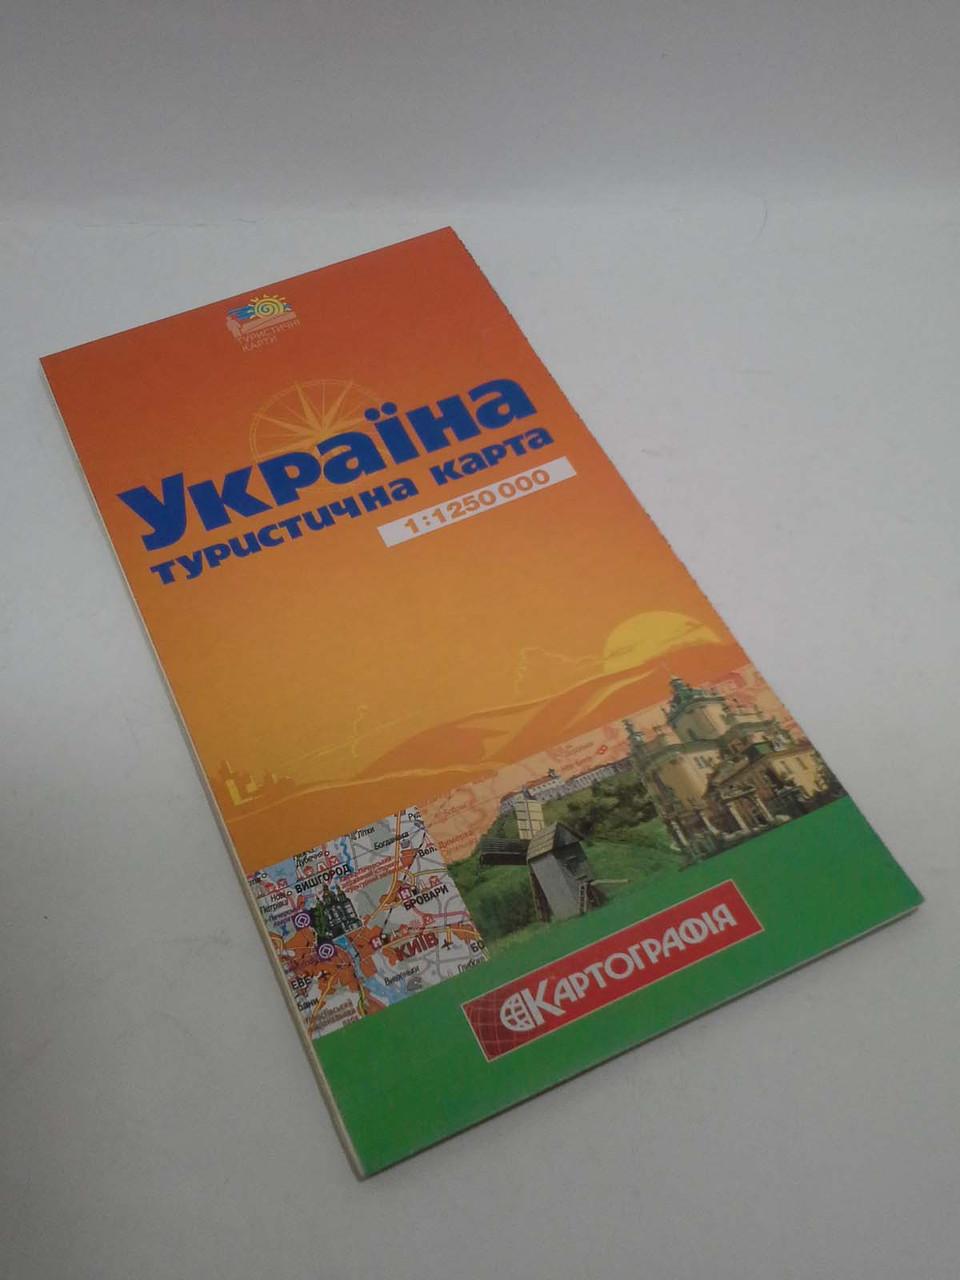 Турист Україна Туристична карта 1:1 250 000